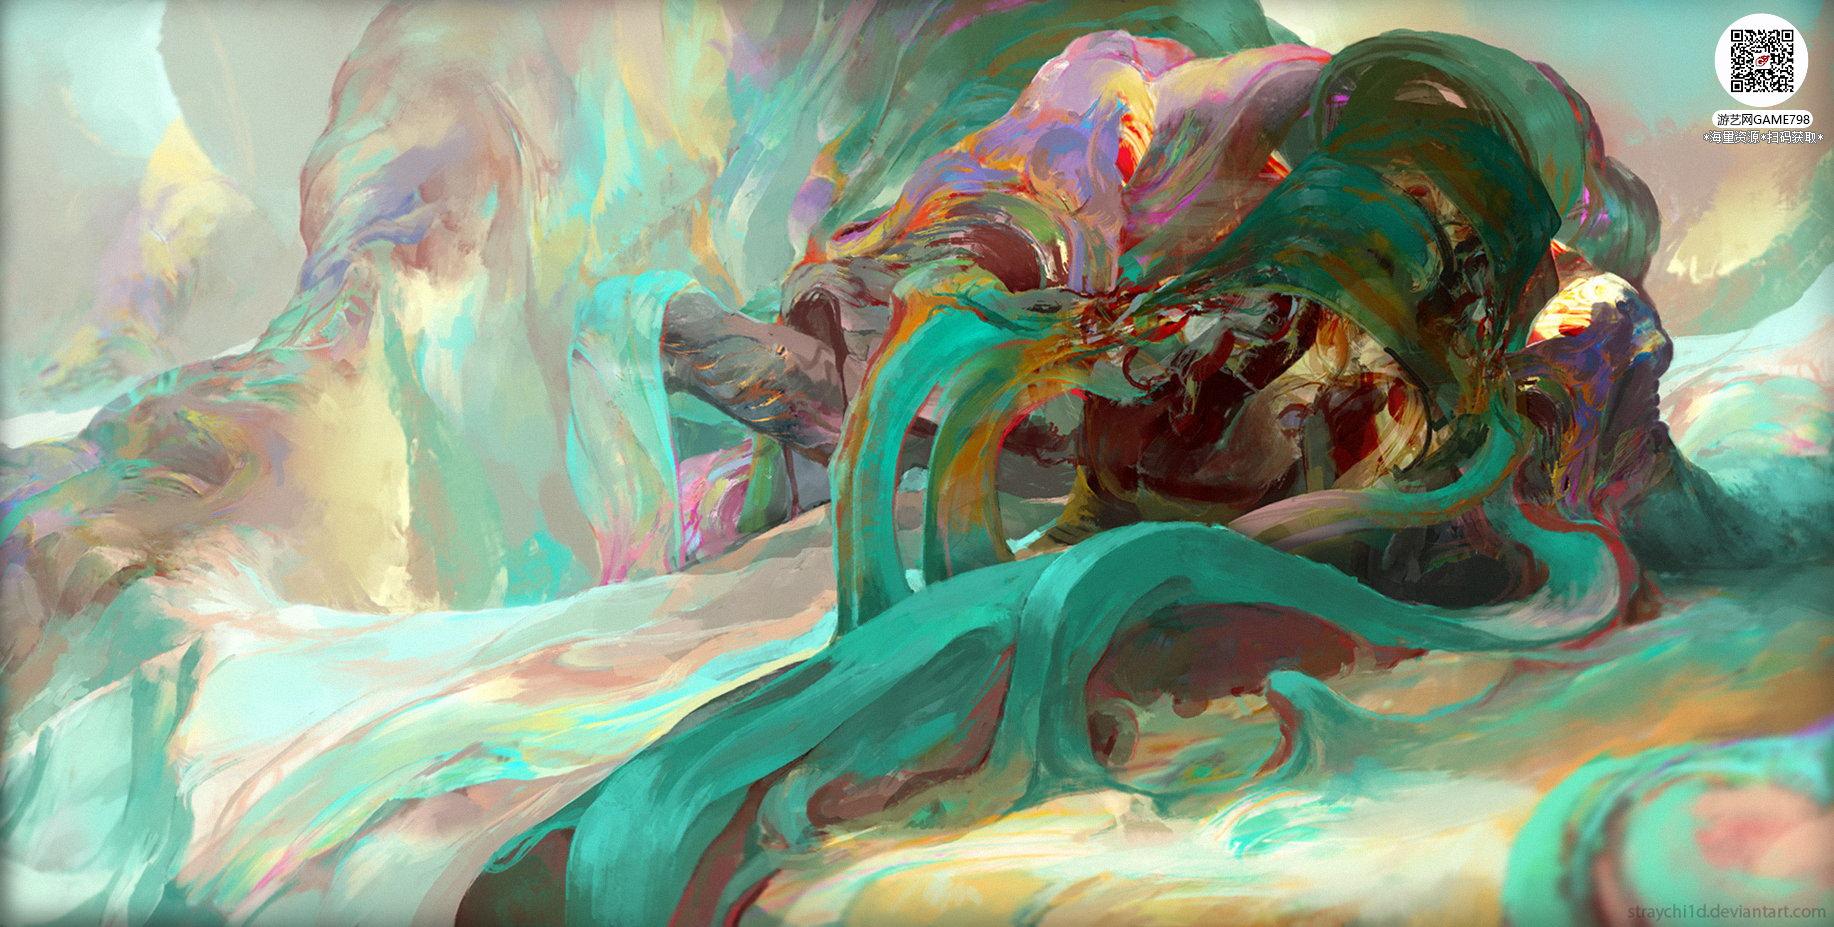 057_关注游艺网公众号获海量资源_风格独特的原画概念设定Q版卡通风格异世界科幻风格设计.jpg